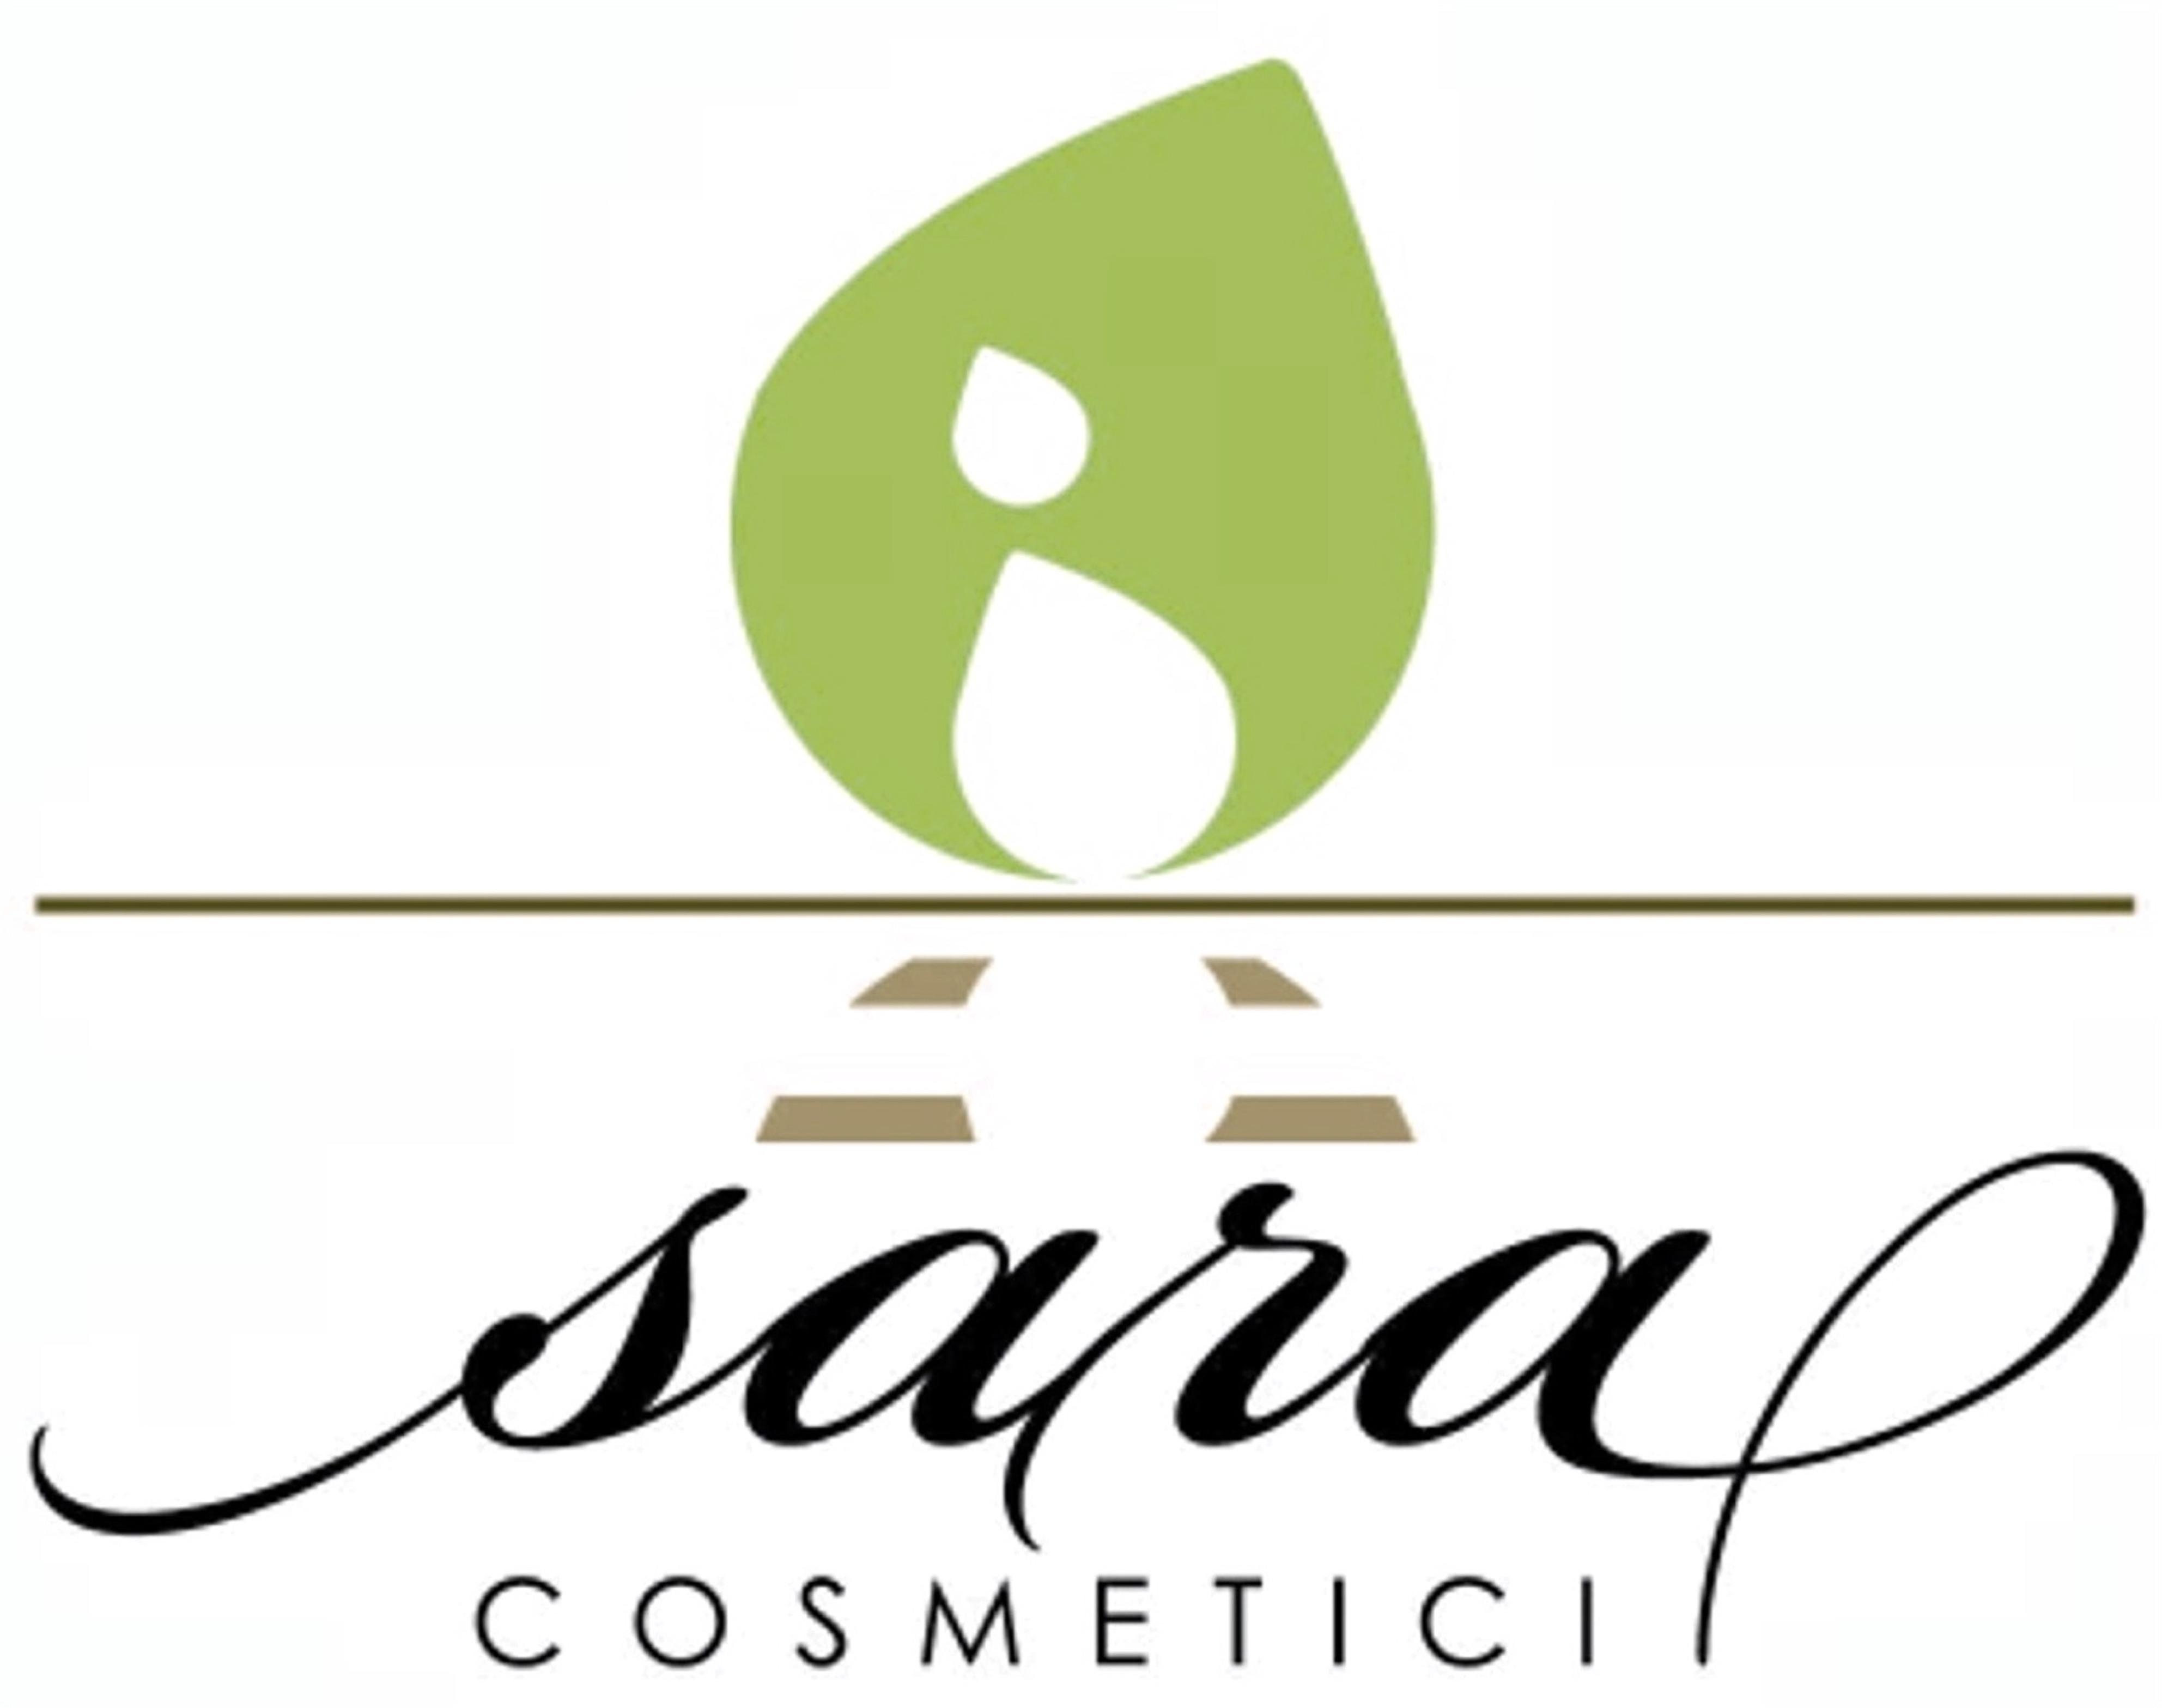 Sara cosmetici